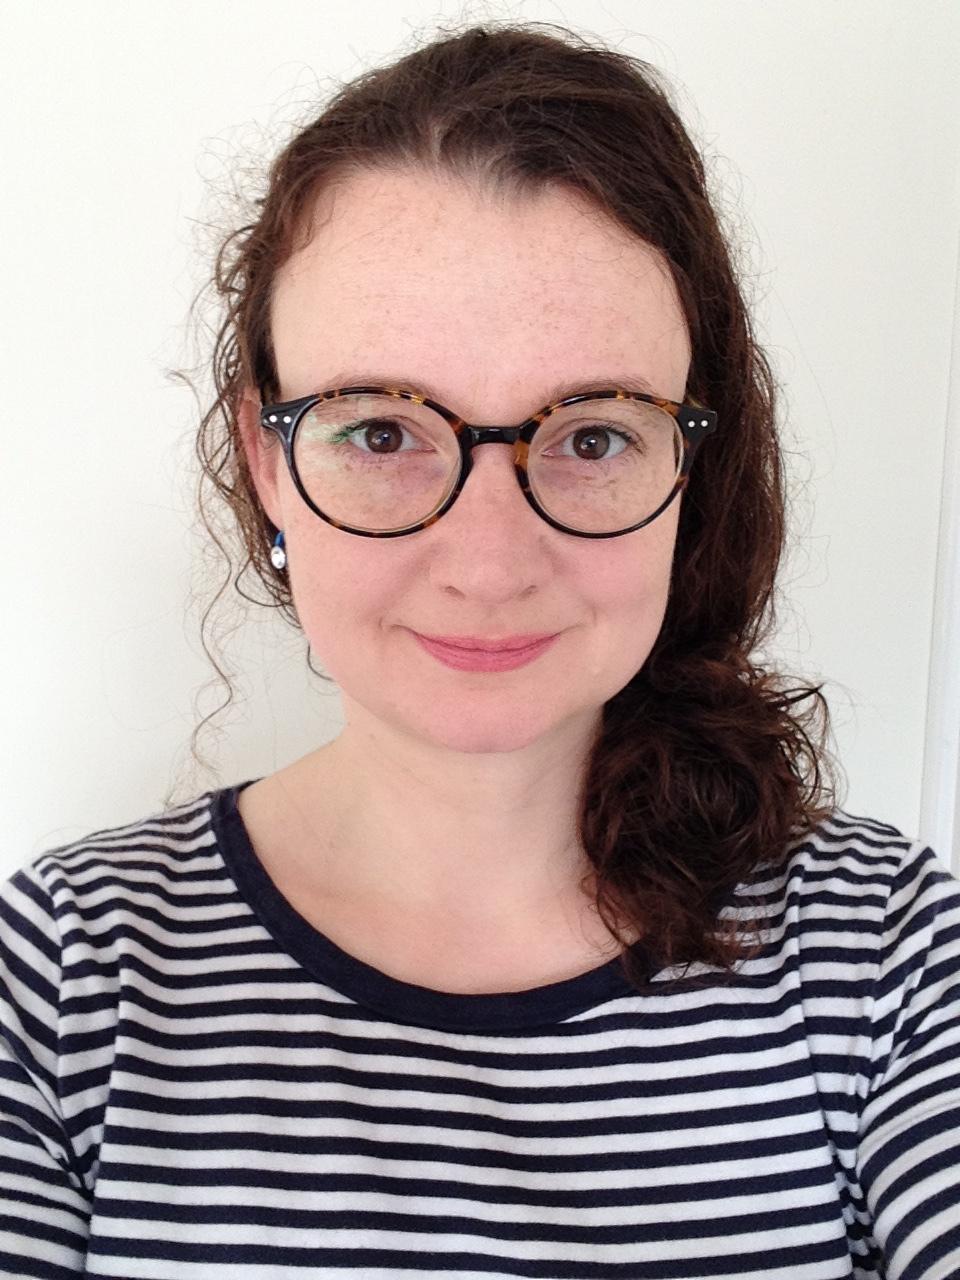 Sarah-Jane Fenton